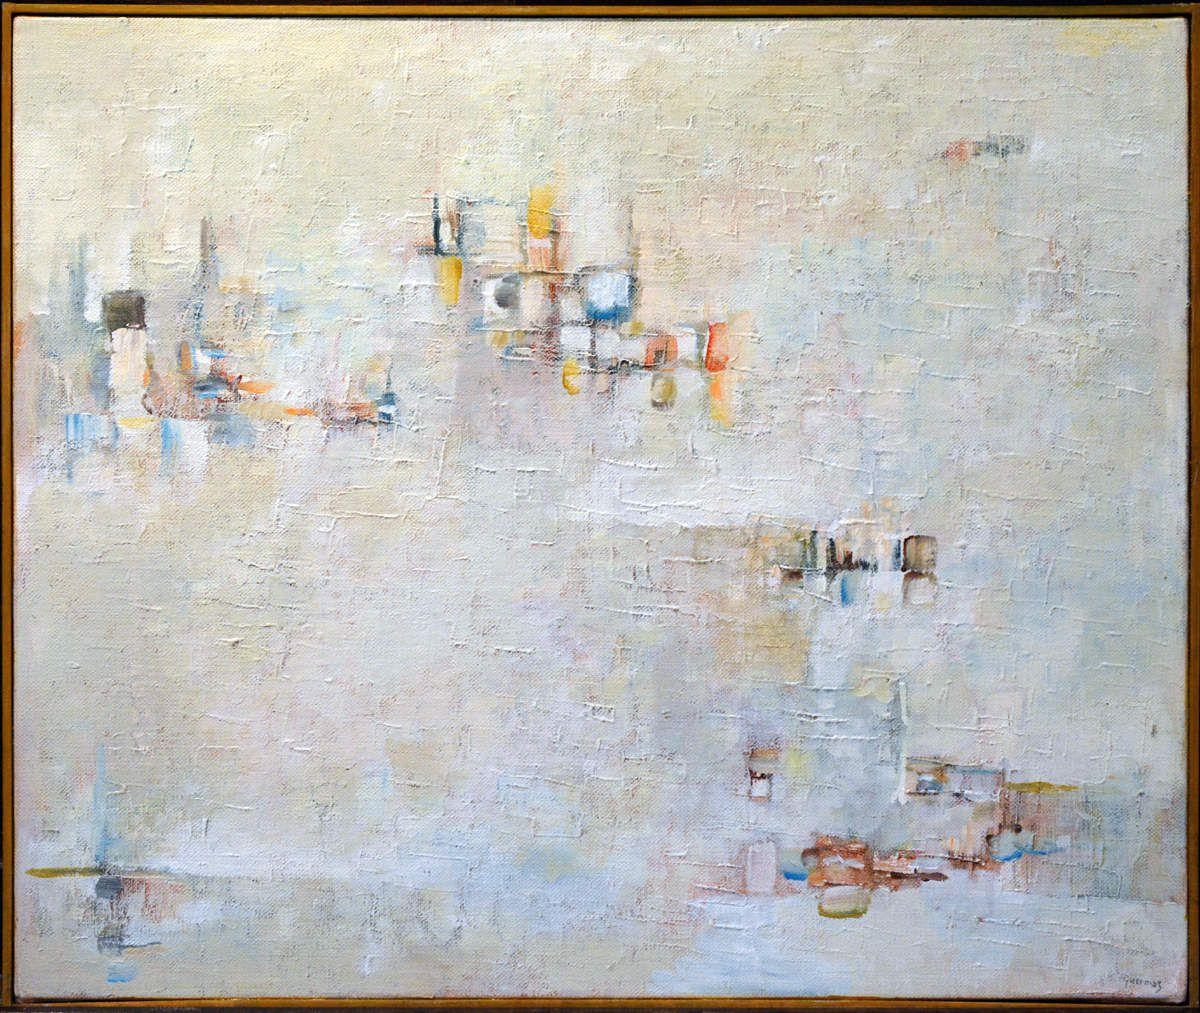 Guermaz - Douce souvenance, 1989 ,hst, 46x55cm